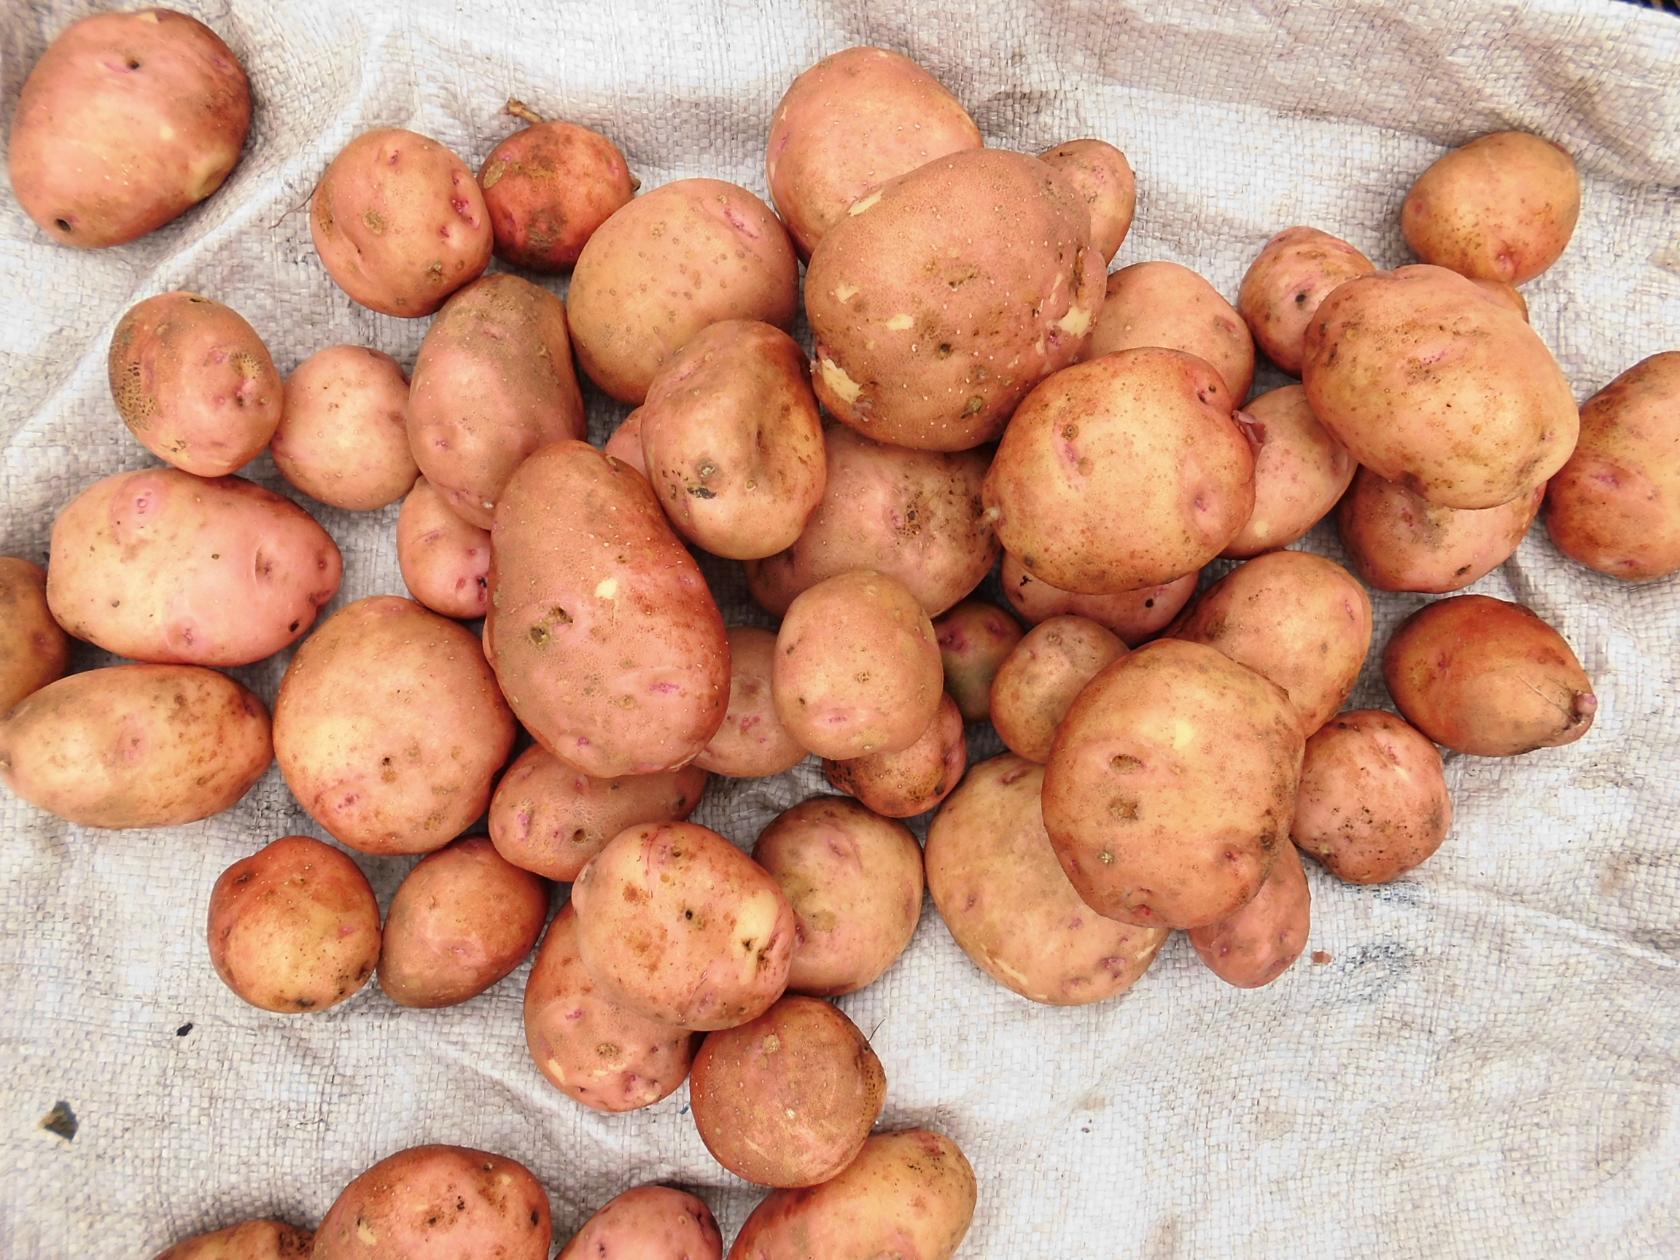 рассыпчатые сорта картофеля для урала